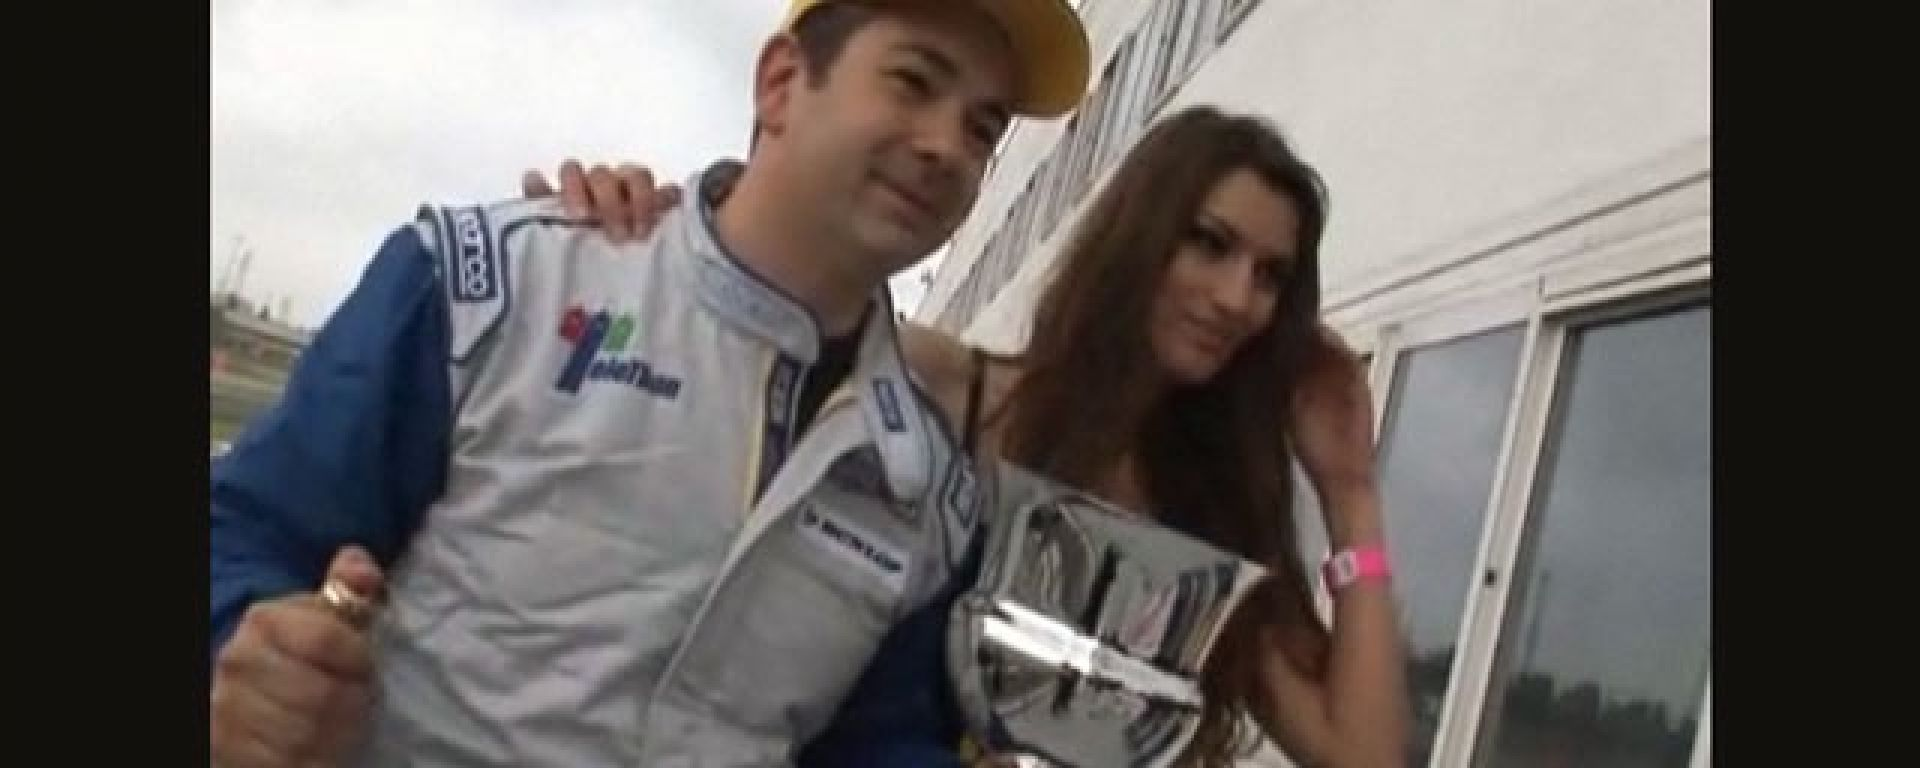 Kia Rio Dunlop Cup